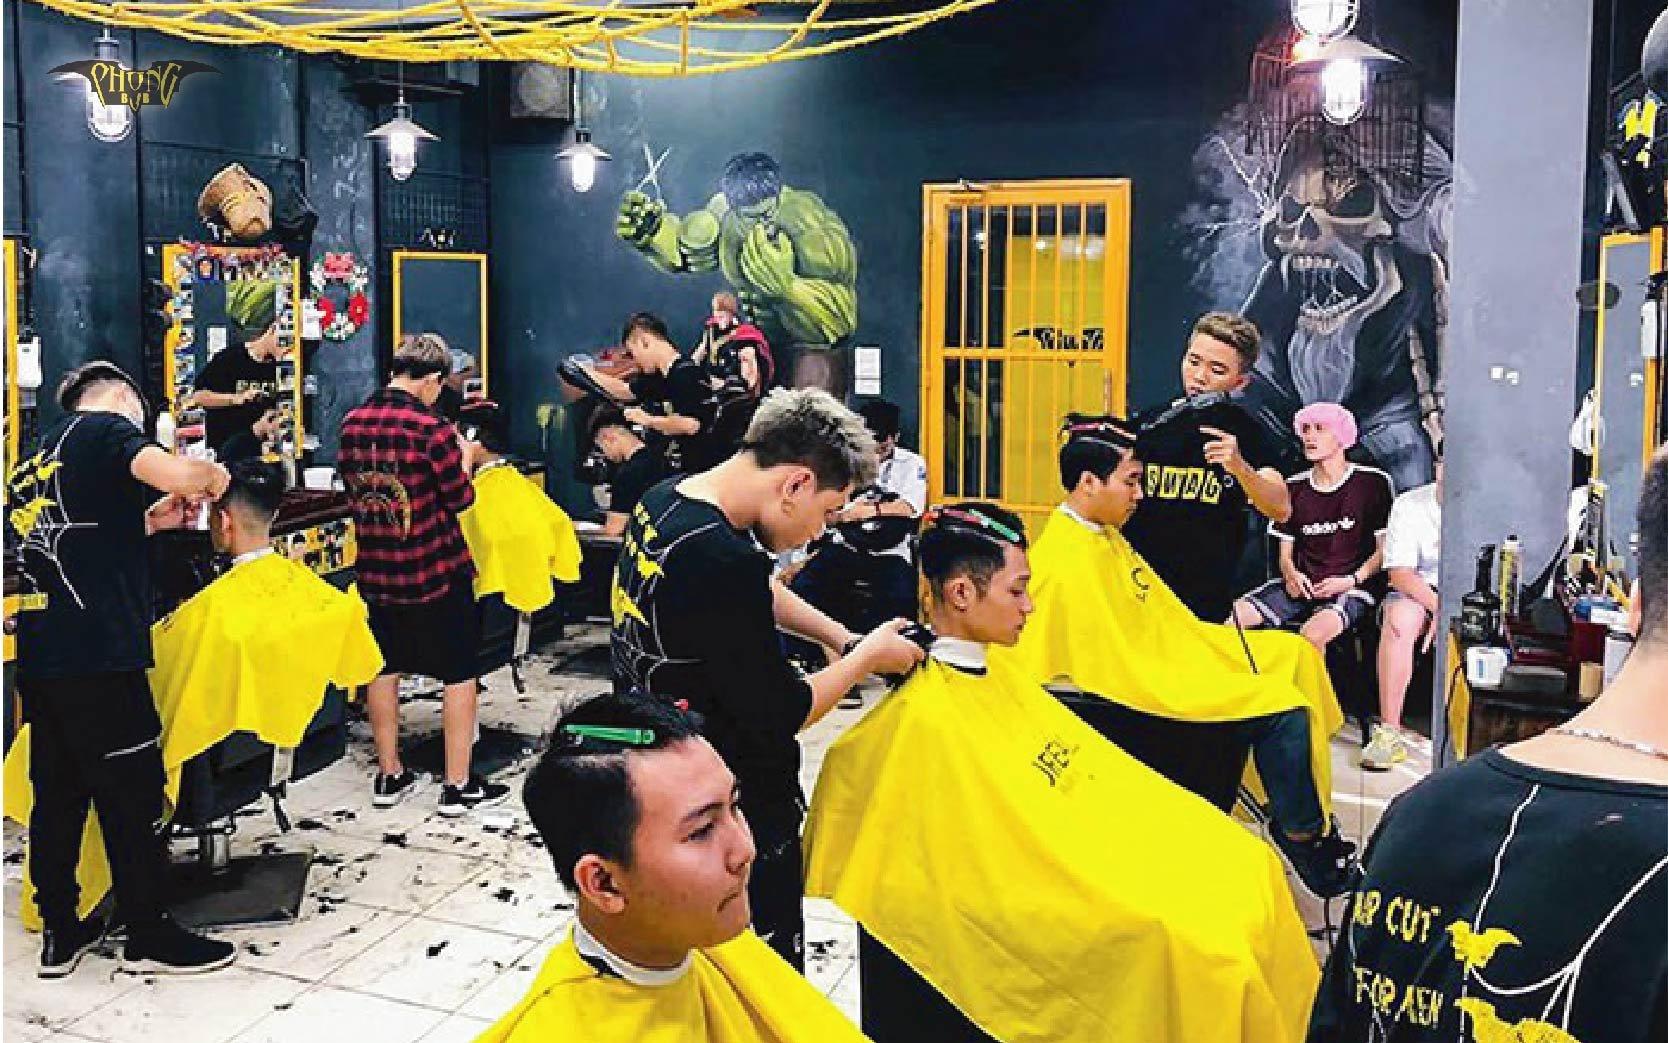 Địa chỉ cơ sở Phong BvB - Chuỗi tóc nam số 1 dành cho giới trẻ